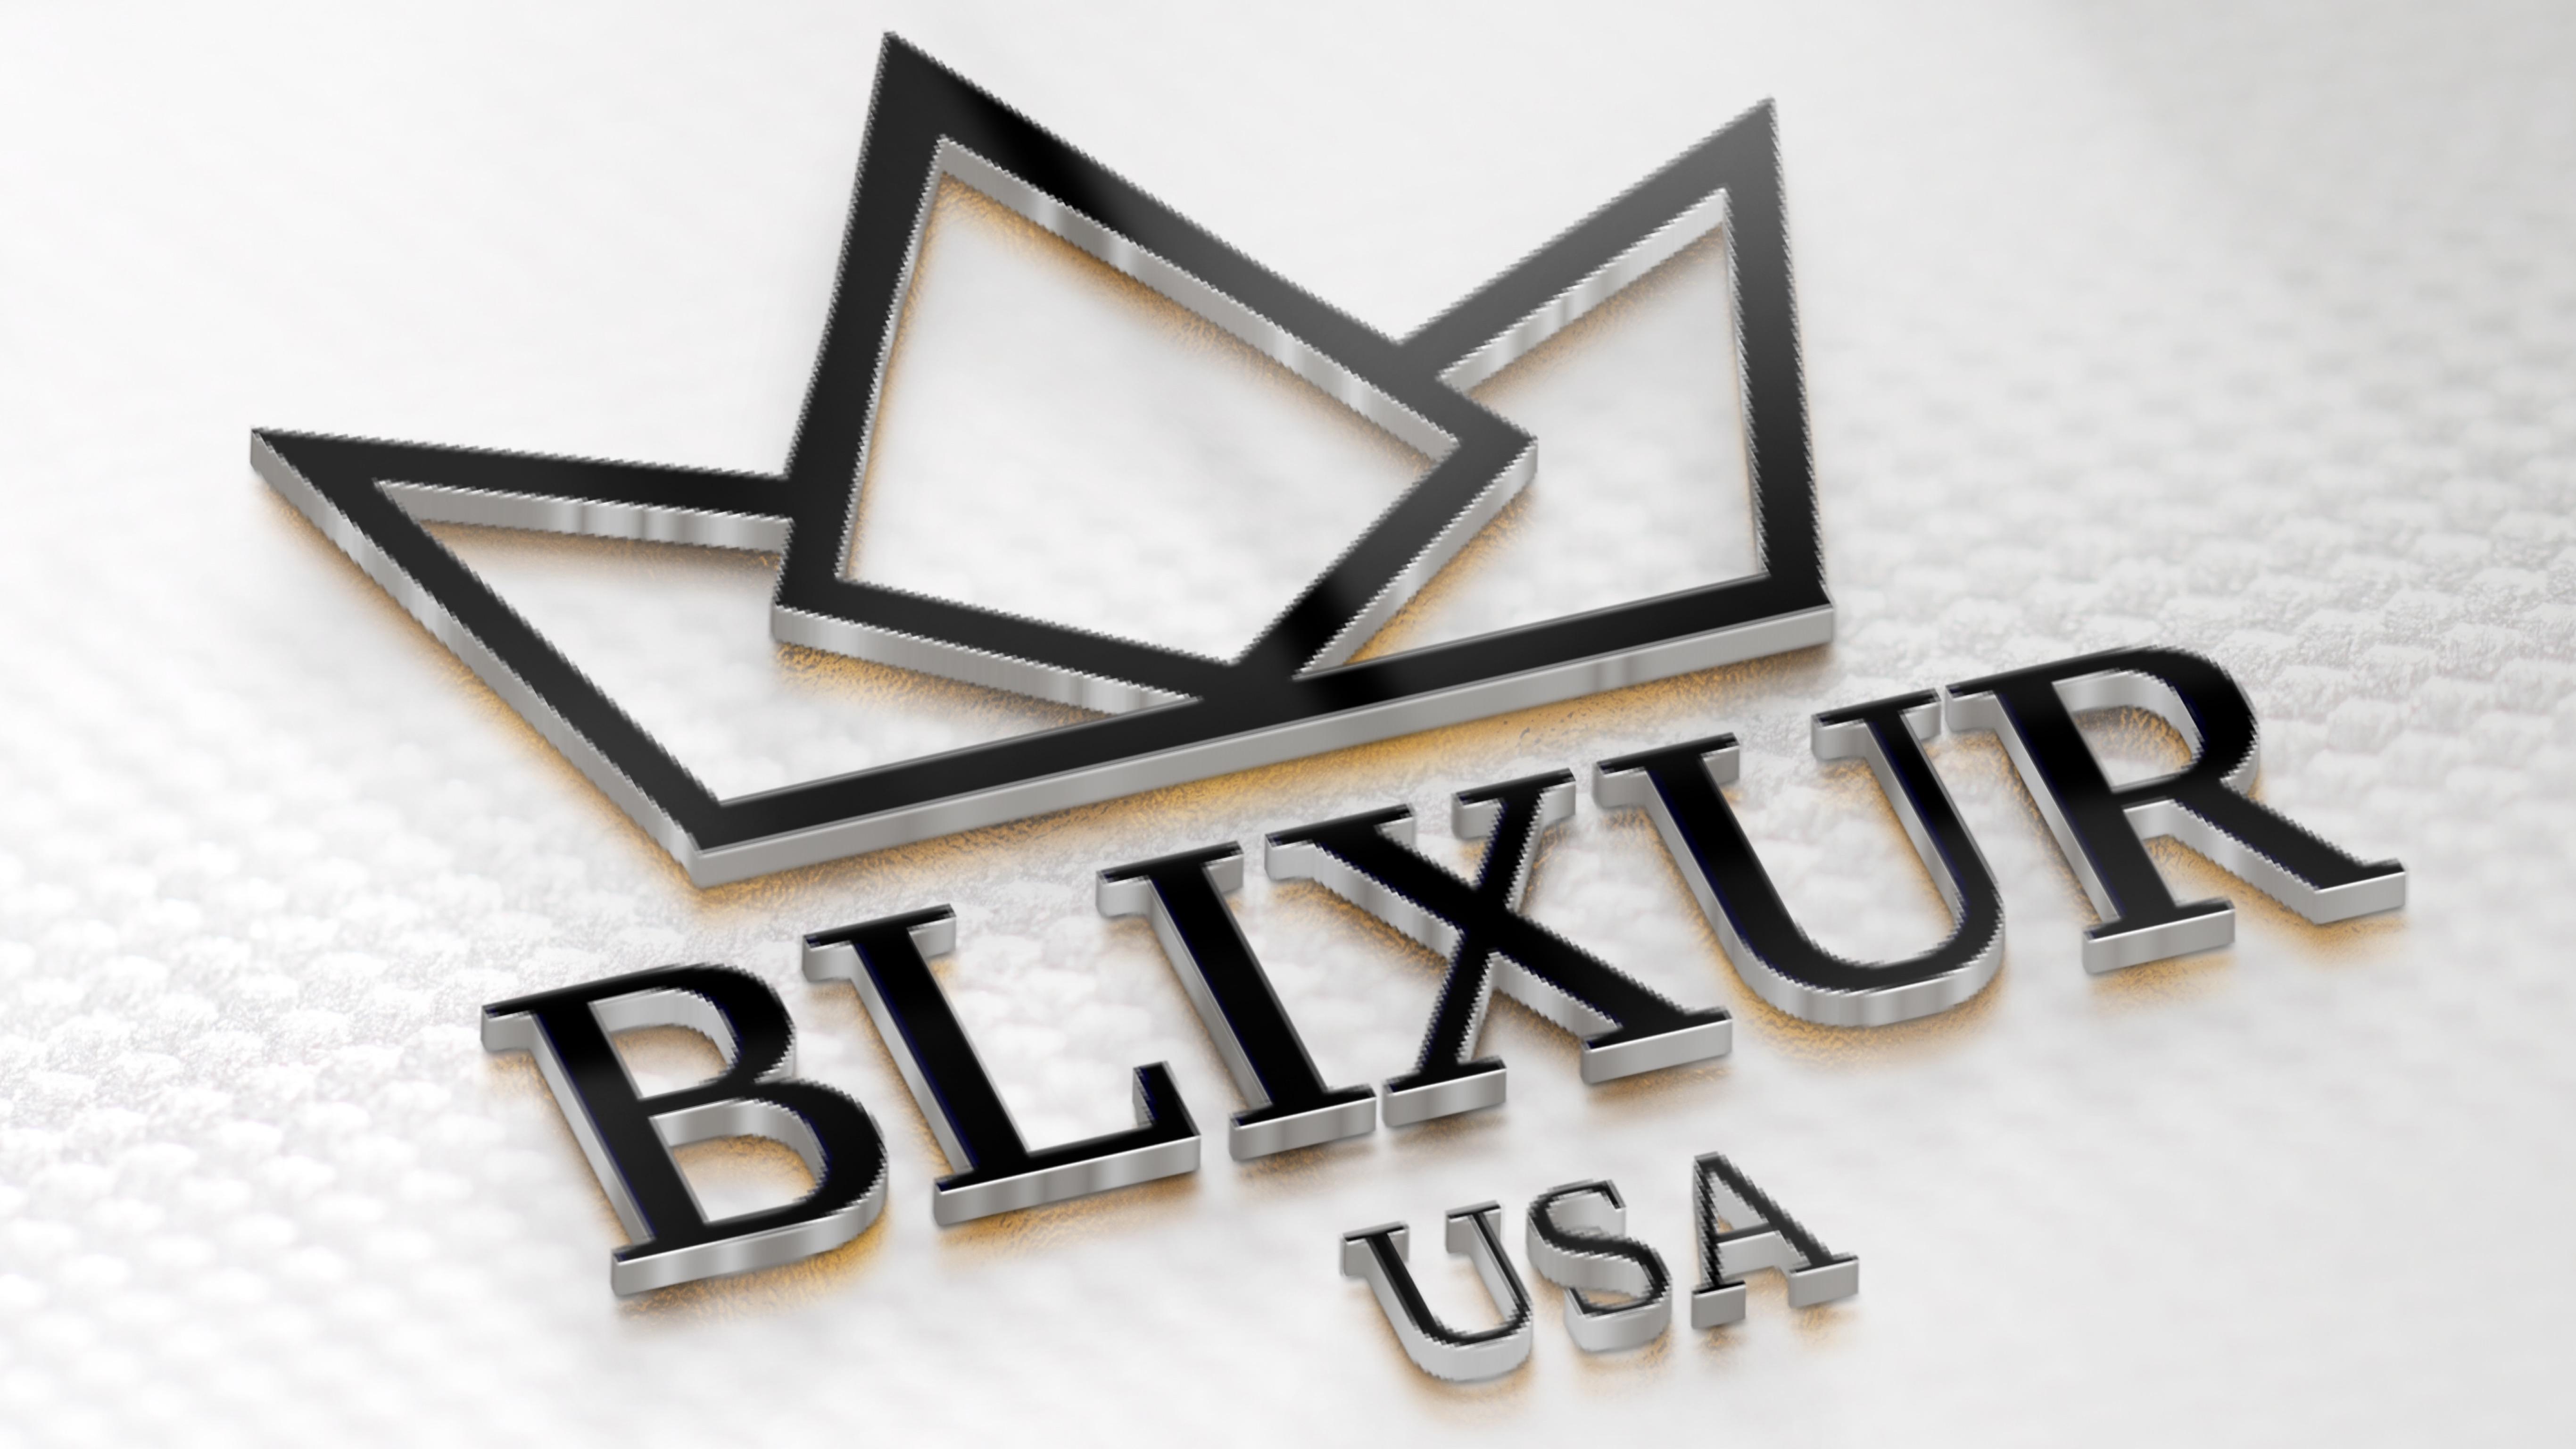 Blixur, sitio web y aplicación de Dylan Davis, emprendedor apoyando a emprendedores